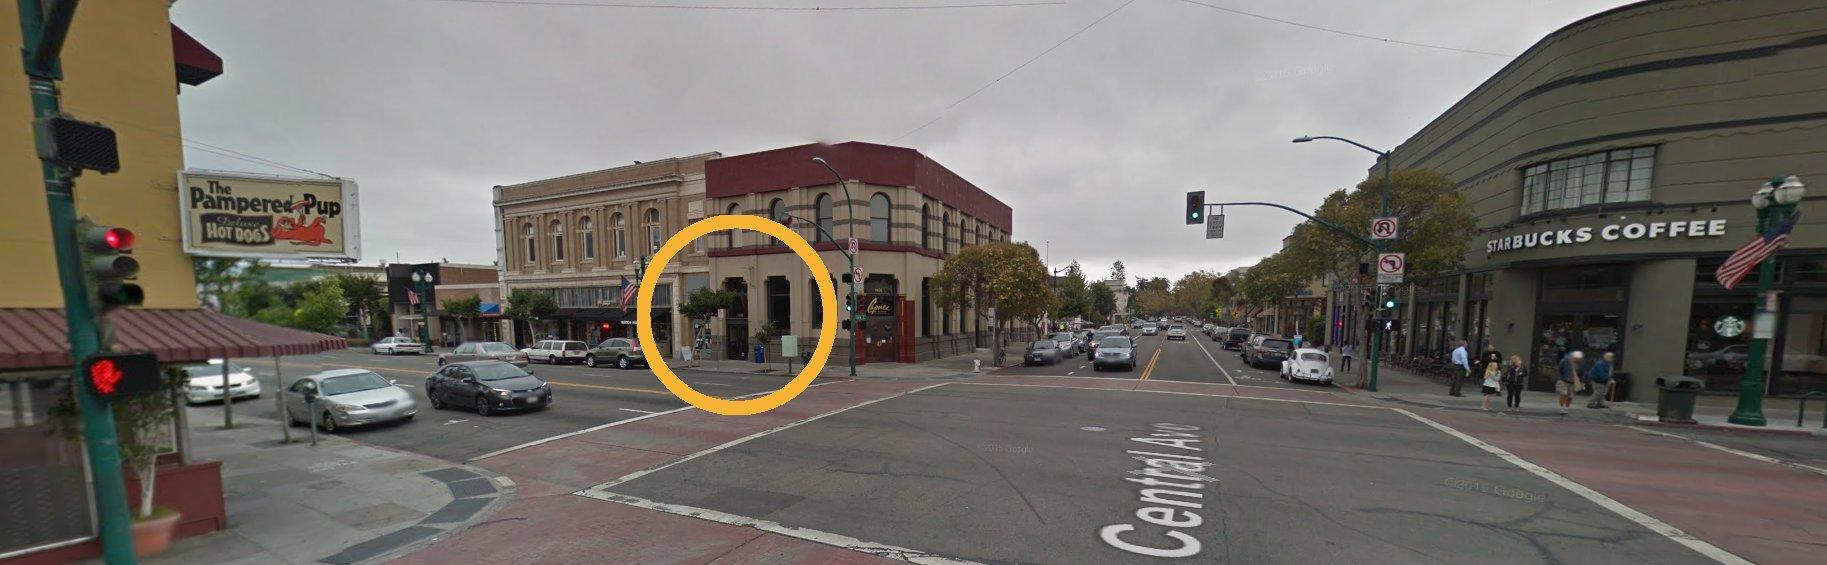 1402 Park Street Alameda, California